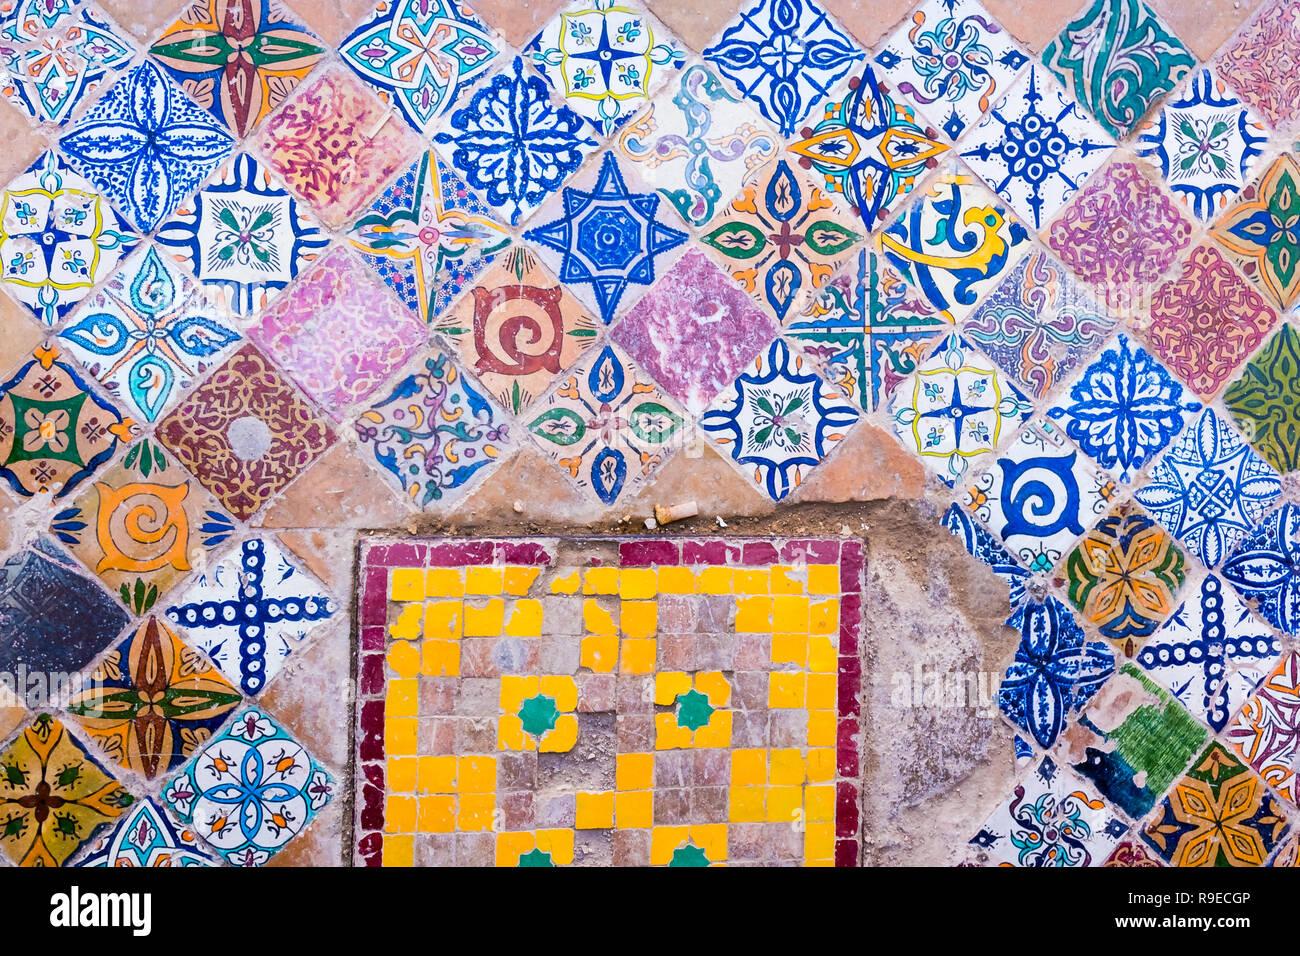 Fez morocco market pottery immagini & fez morocco market pottery